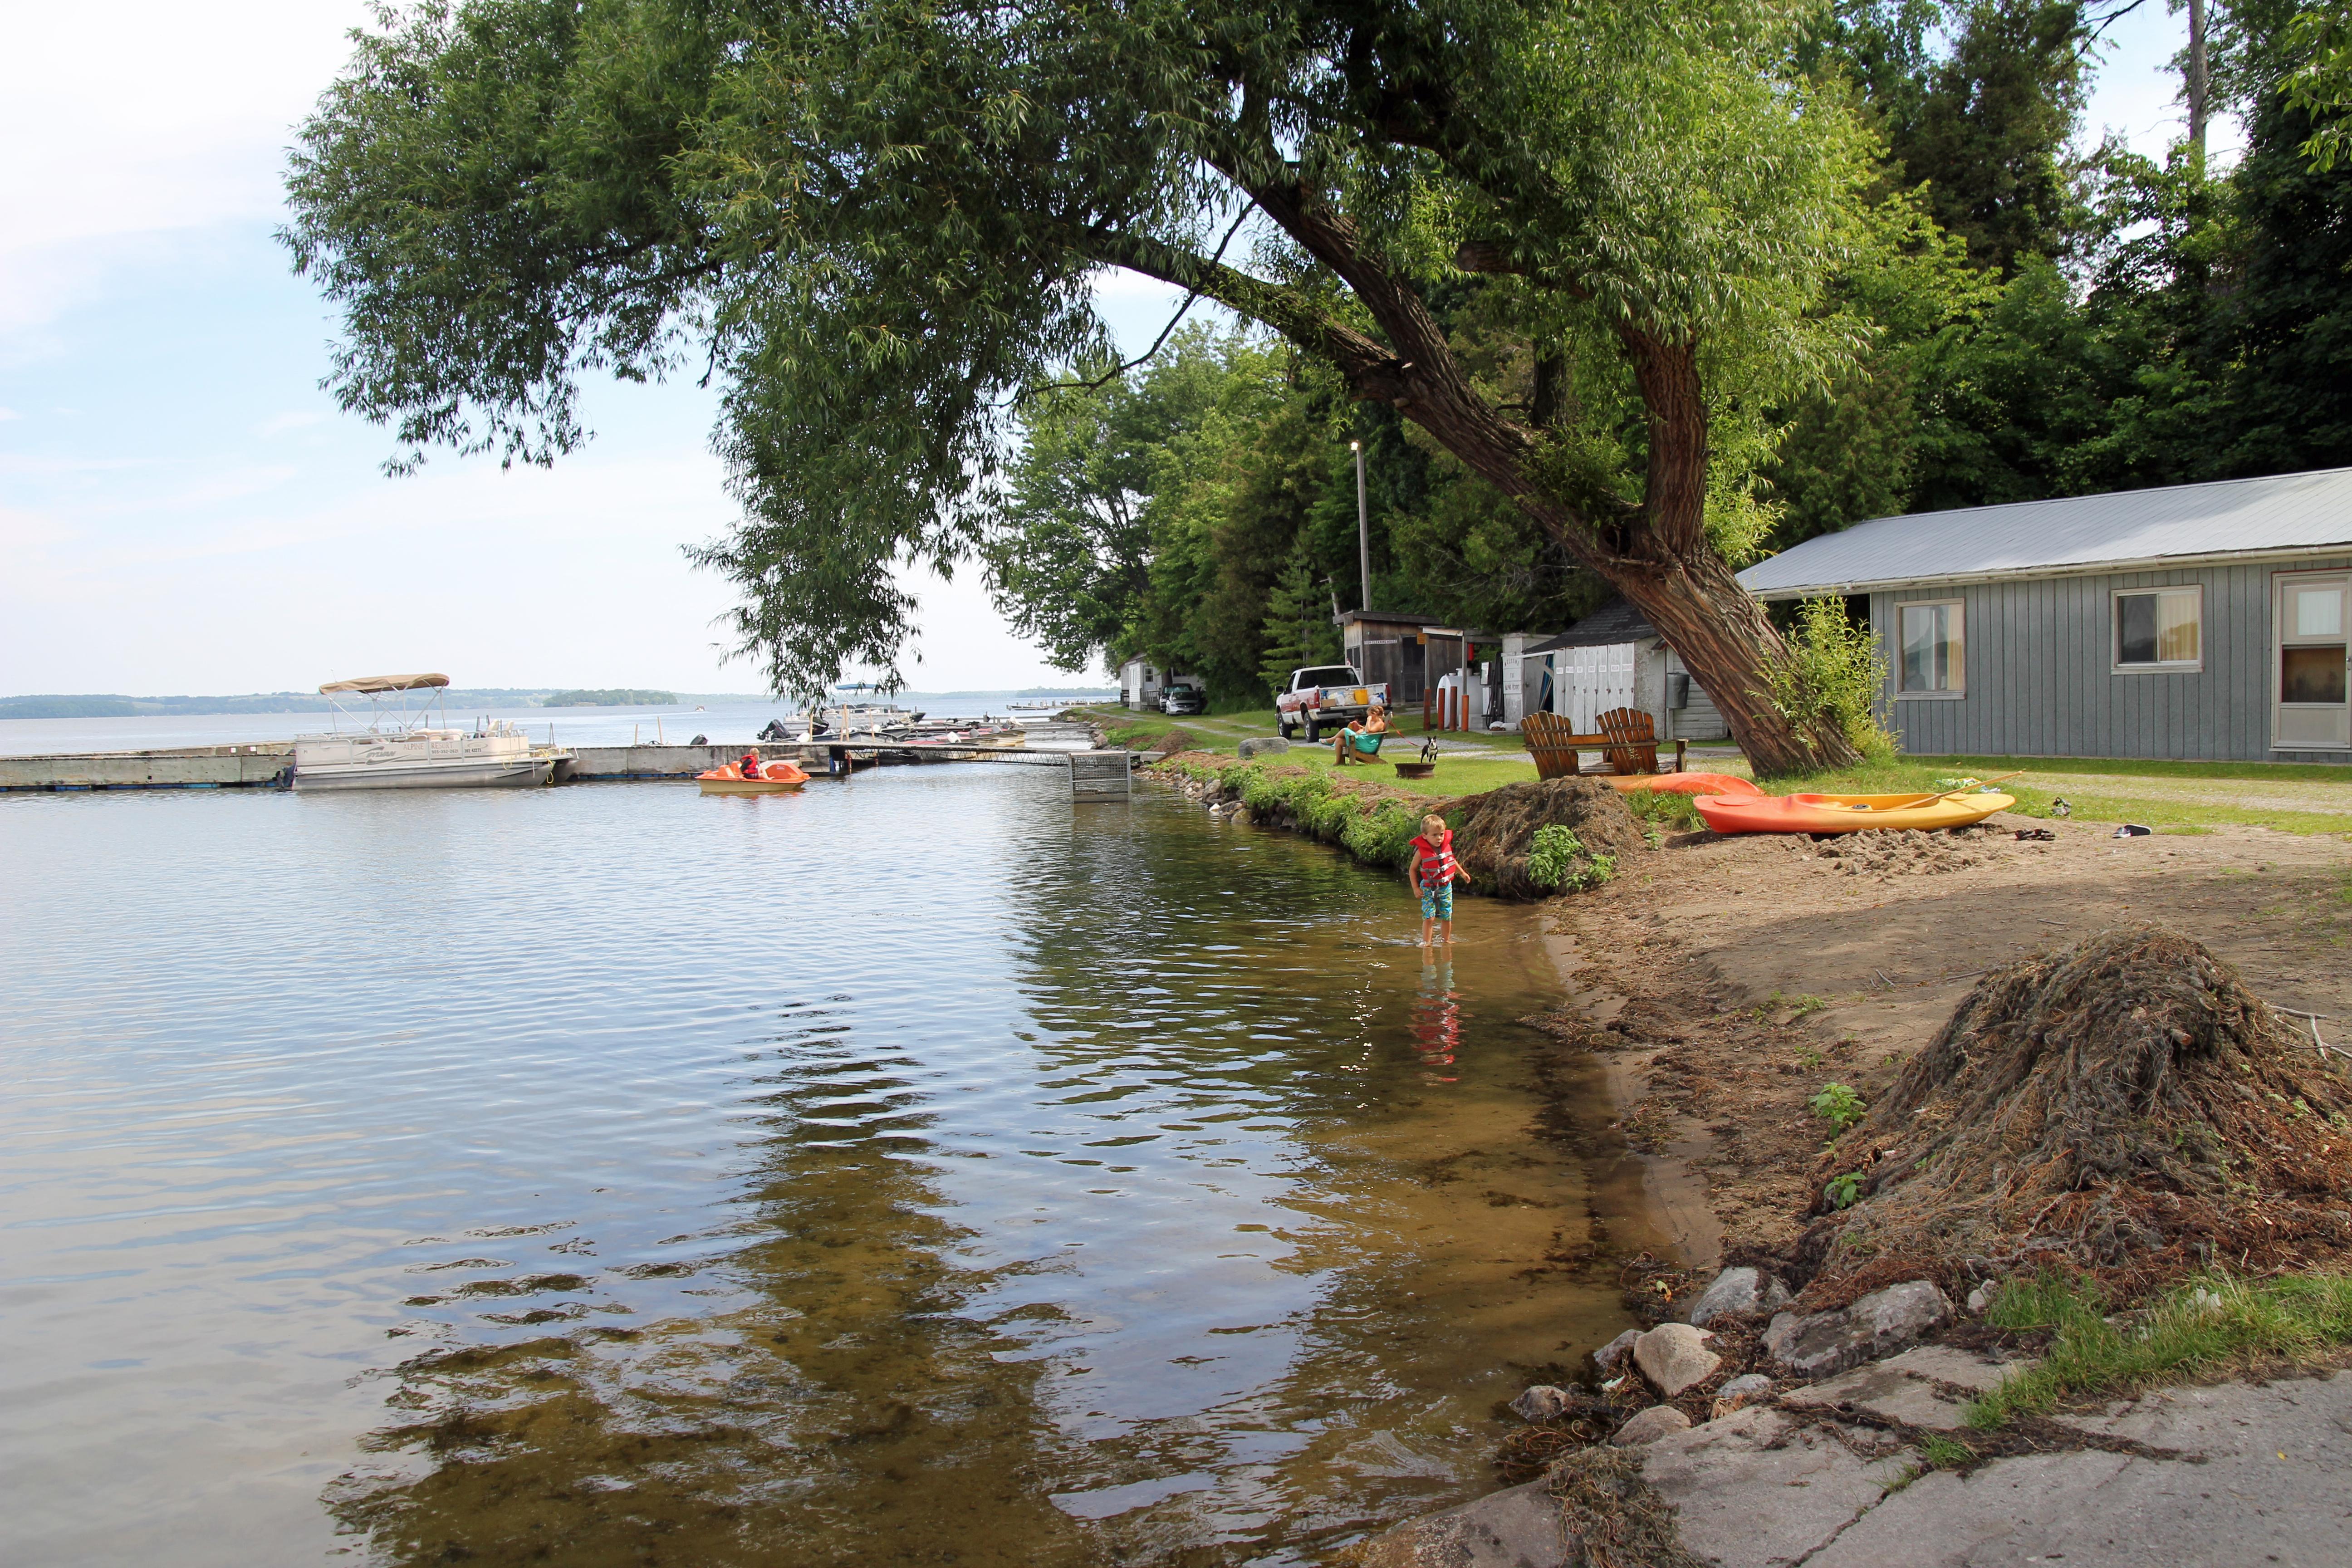 Cottage resort on Rice Lake, Ontario